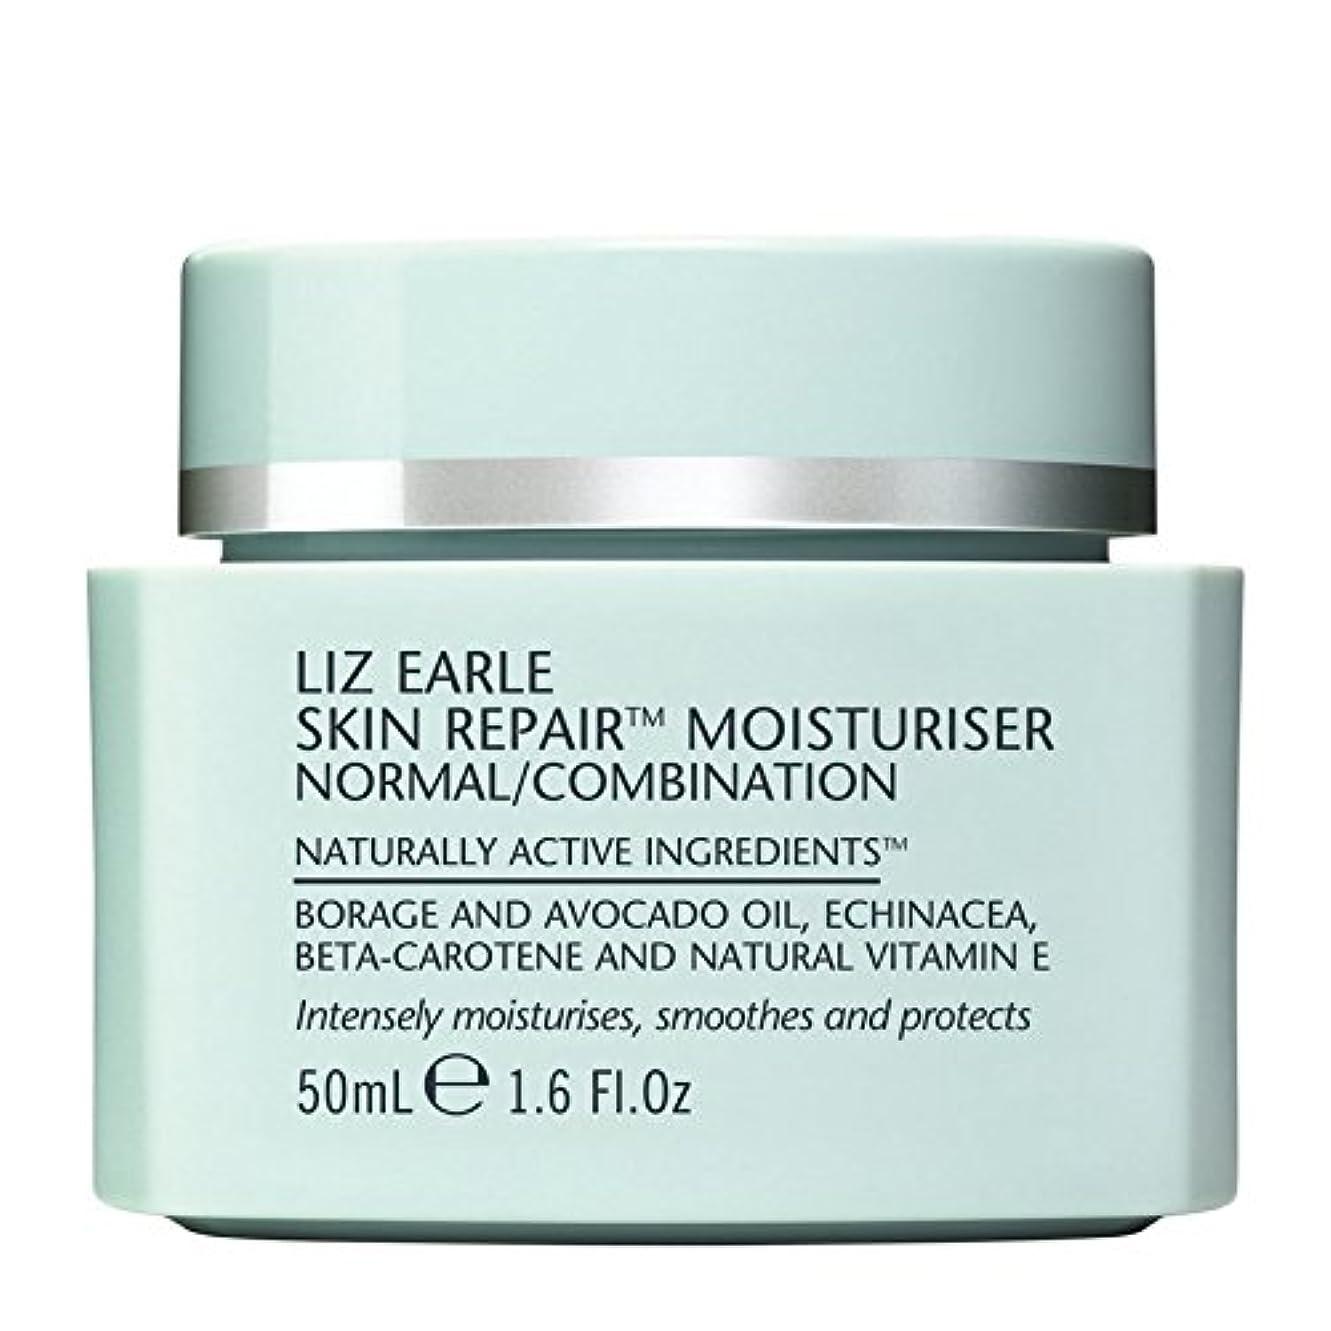 対応高さ神経衰弱リズアールスキンリペアモイスチャライザーノーマル/コンビネーション50ミリリットル x4 - Liz Earle Skin Repair Moisturiser Normal/Combination 50ml (Pack of 4) [並行輸入品]